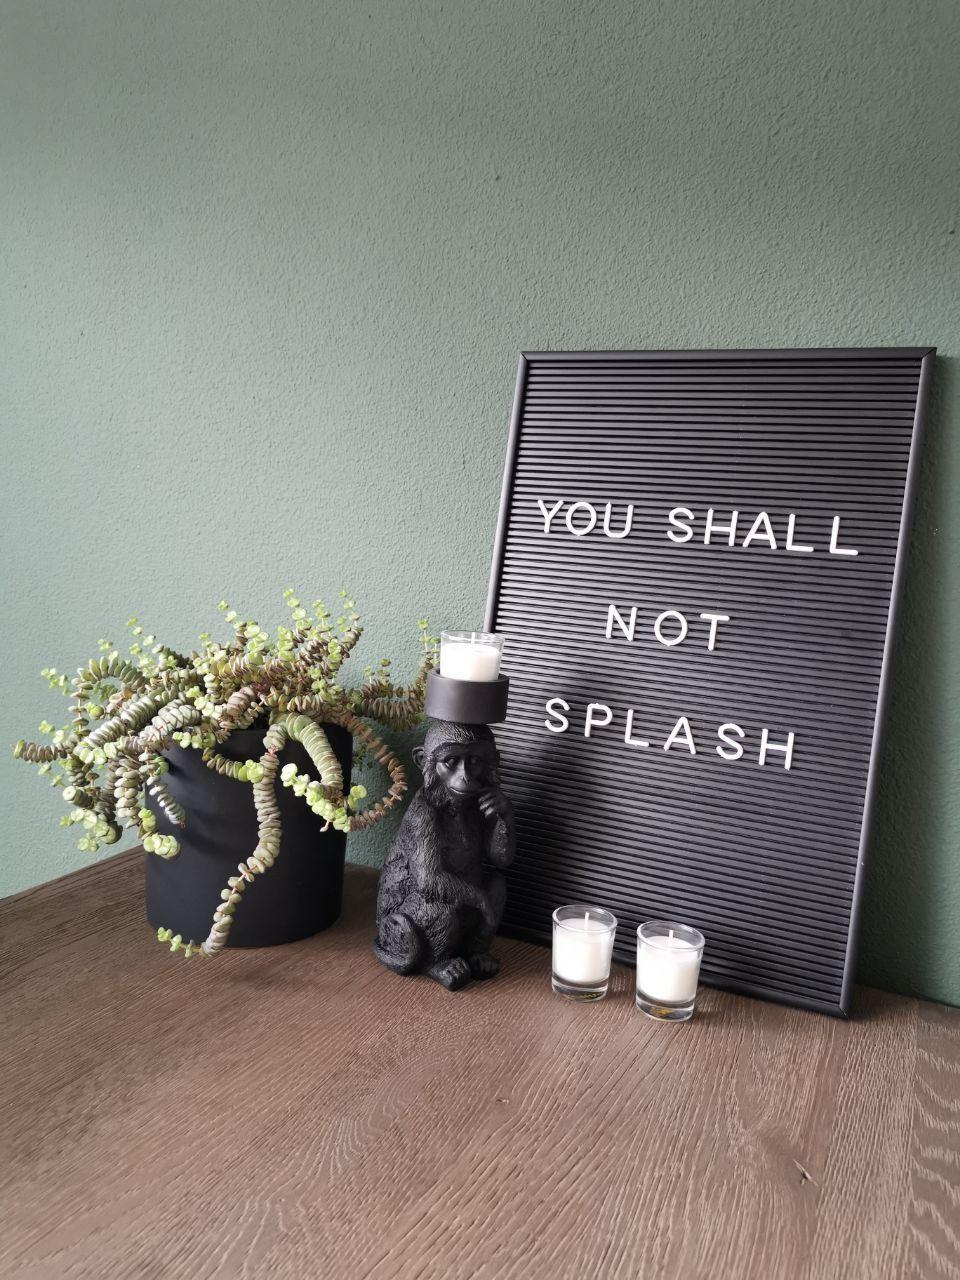 Wc quotes: 8x leuke teksten voor op het toilet